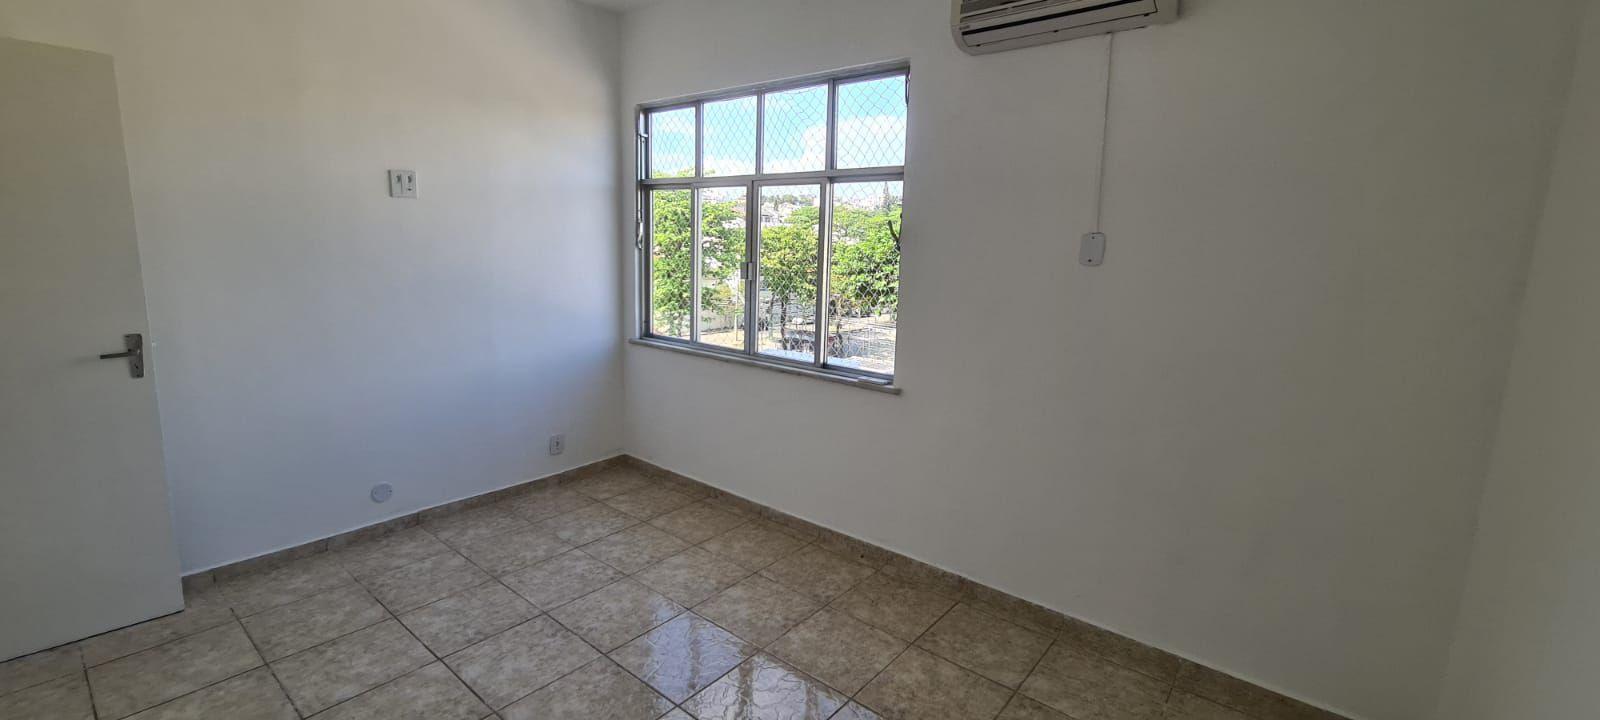 Quarto - Apartamento 2 quartos à venda Rio de Janeiro,RJ - R$ 480.000 - 109 - 3